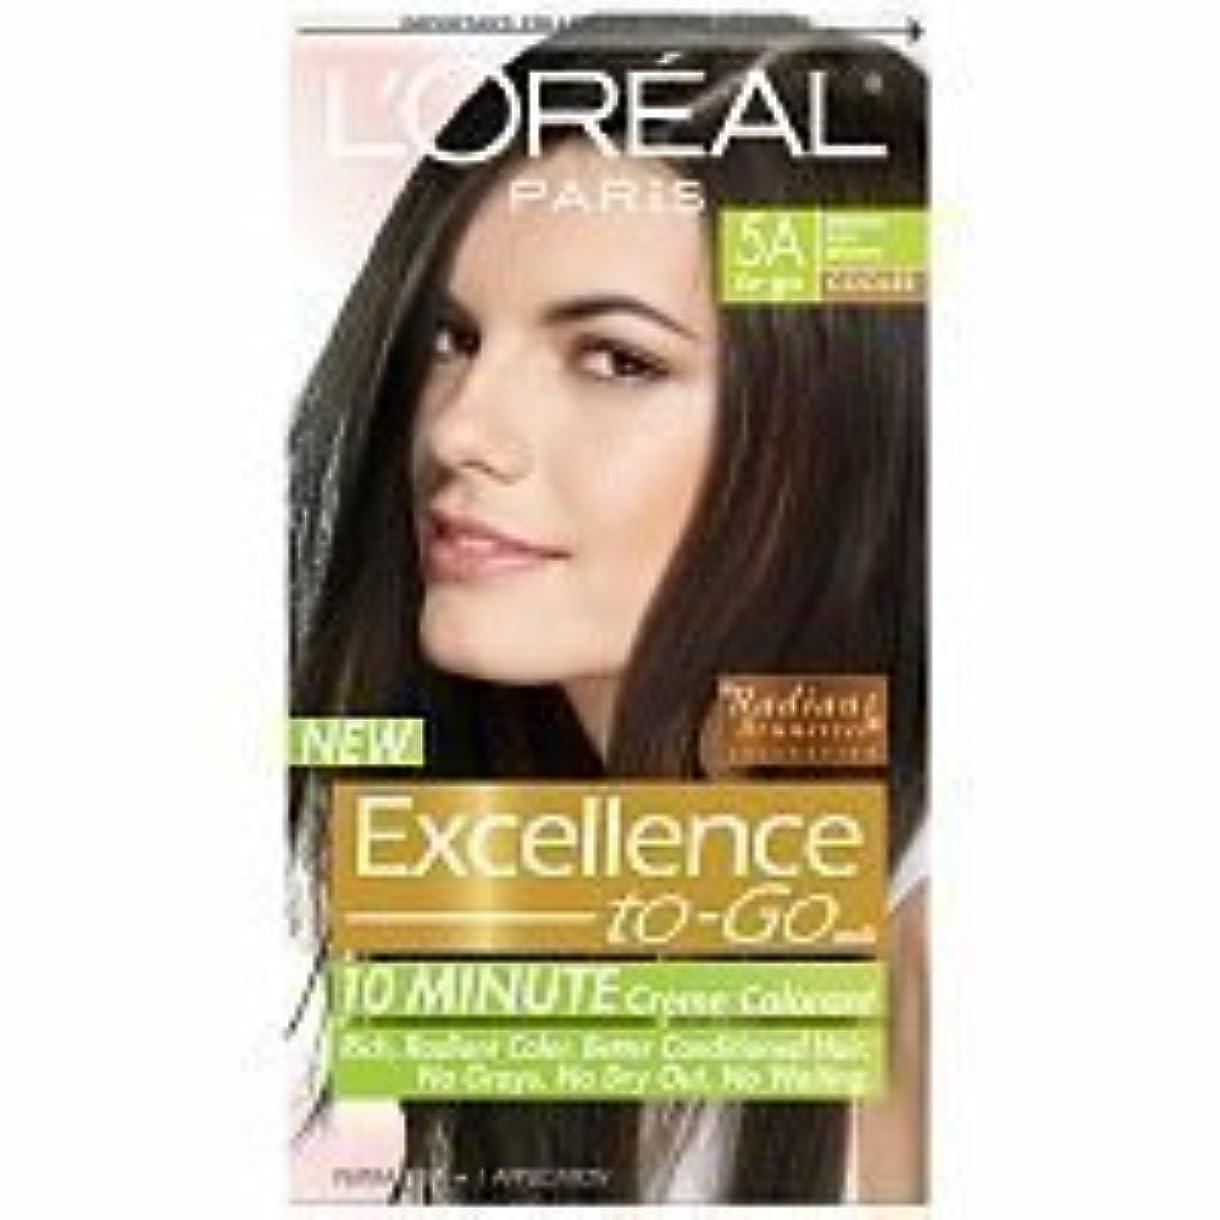 水没畝間聴覚L'Oreal Paris Excellence To-Go 10-Minute Cr?N?Nme Coloring, Medium Ash Brown 5A by L'Oreal Paris Hair Color [並行輸入品]